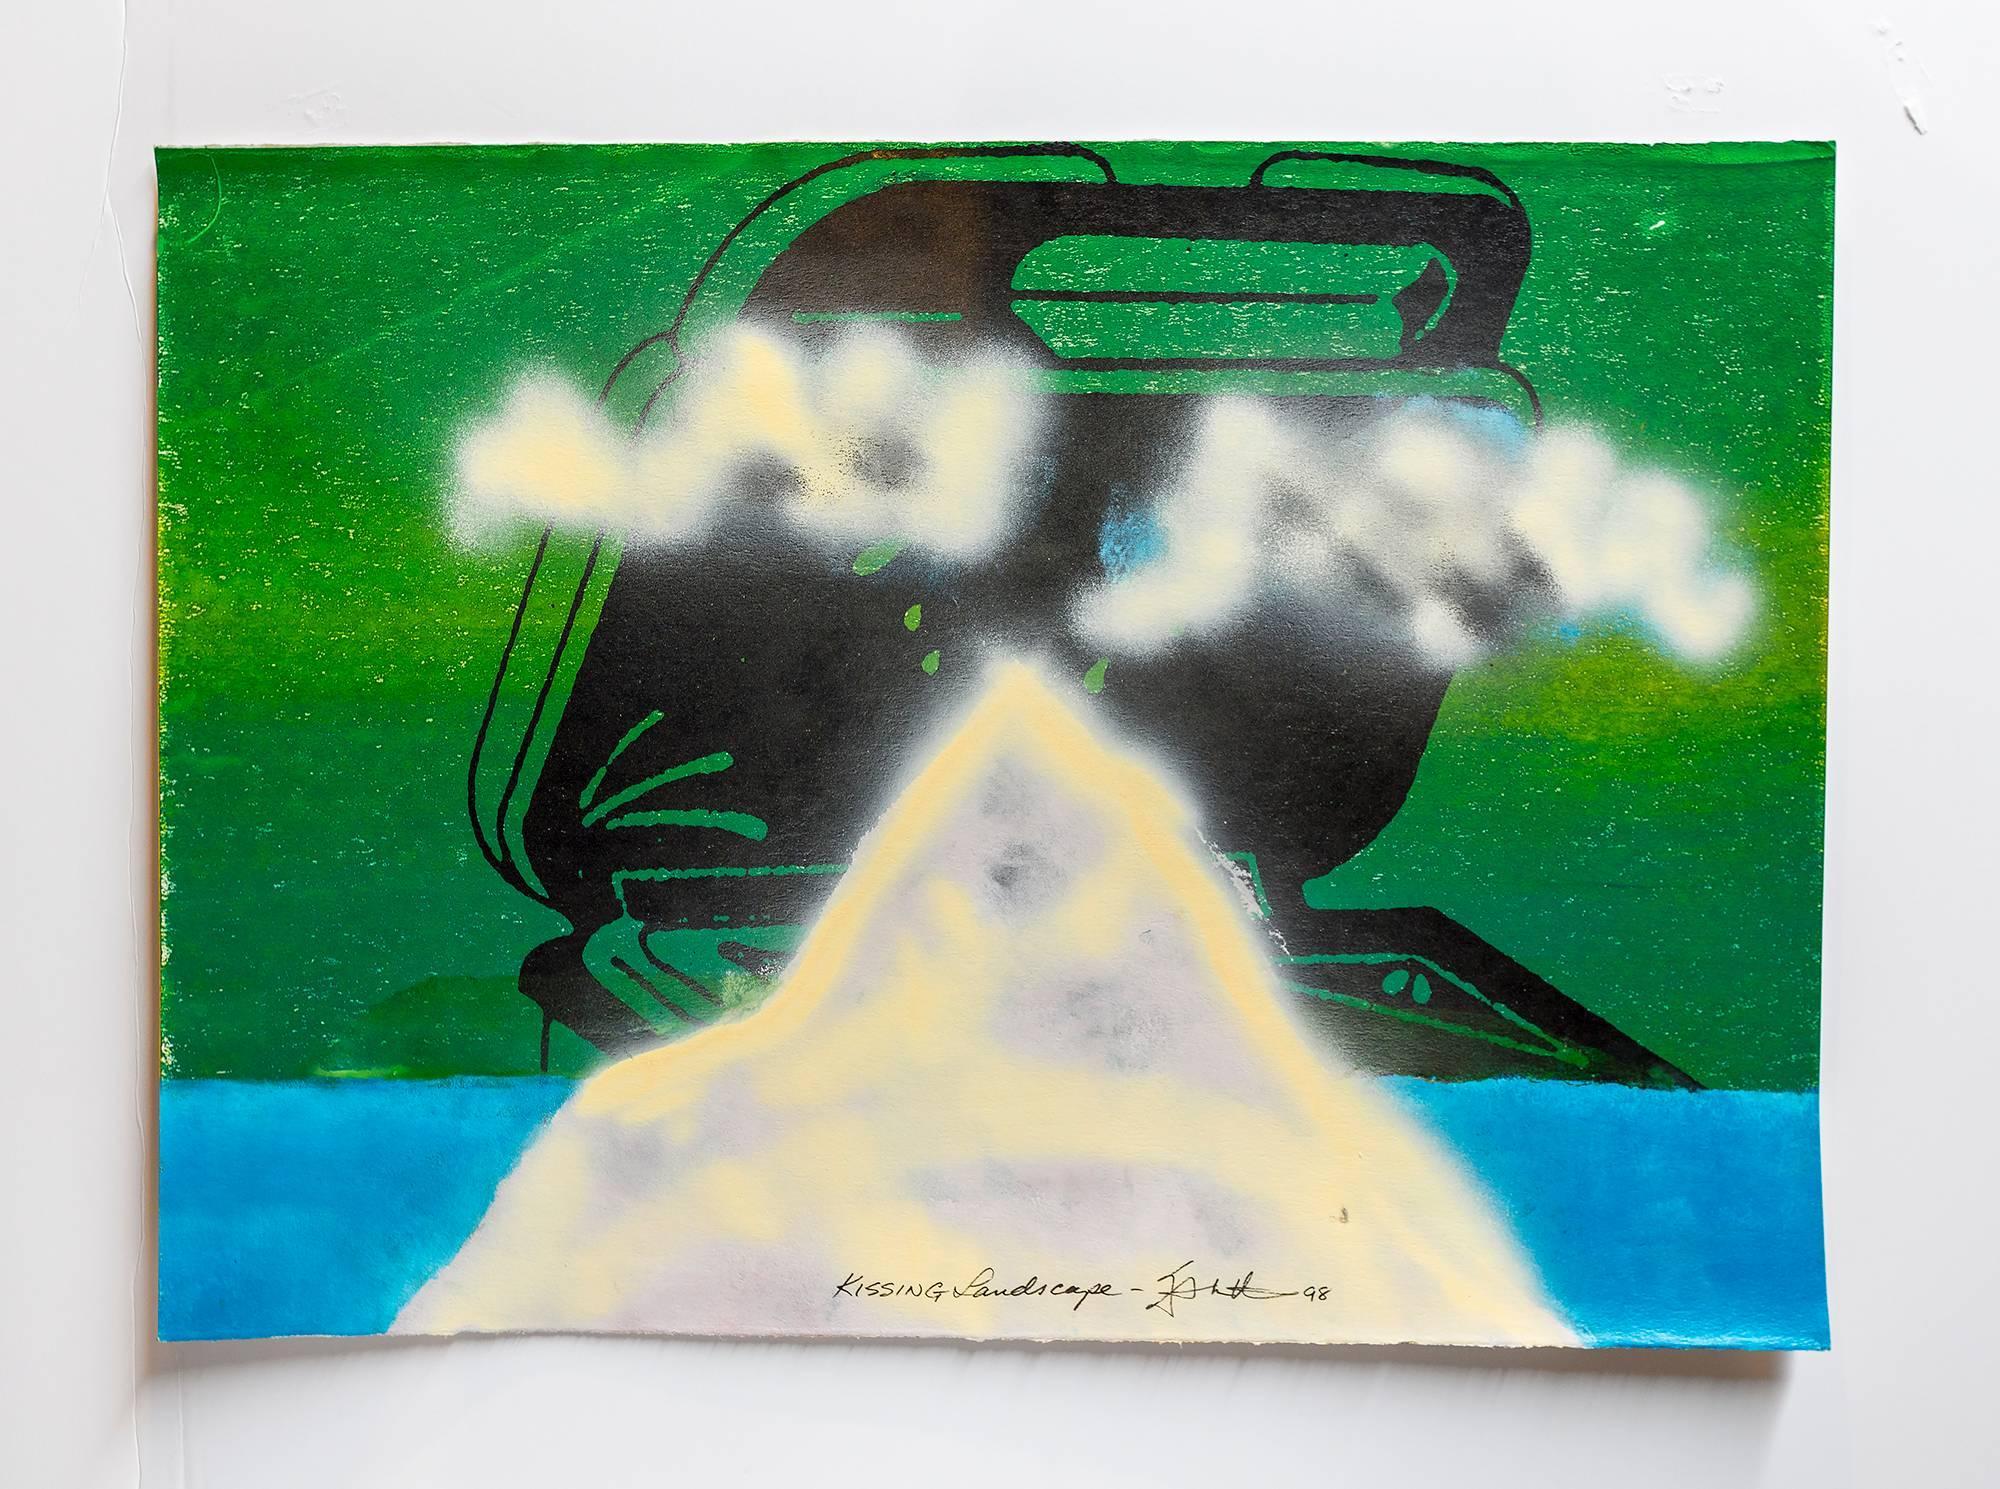 """Iain Baxter& """"Kissing Landscape"""" Conceptual Monoprint Painting"""